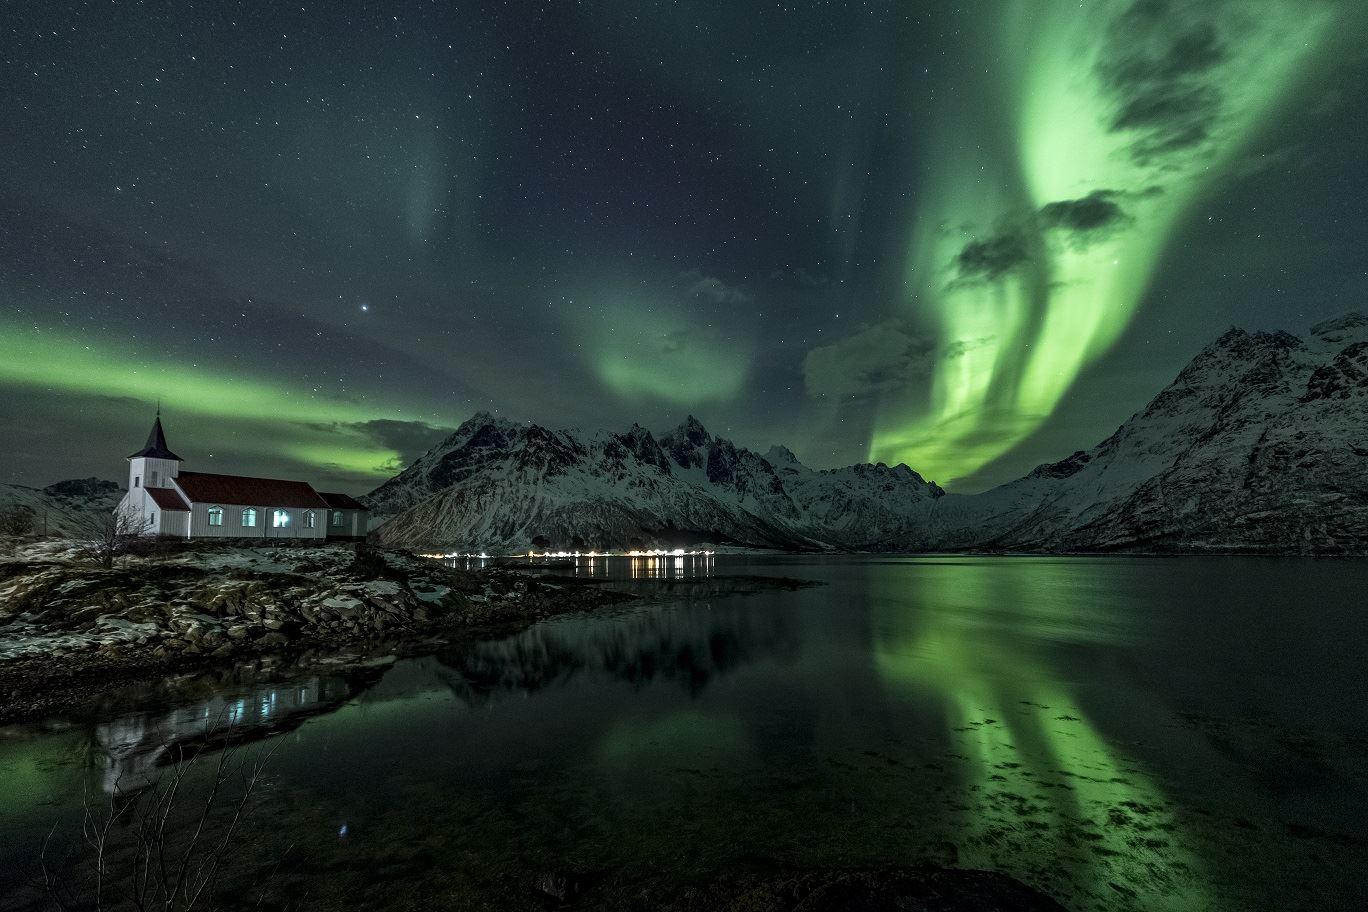 © Odd Petter T. Jensen, The Aurora Jäger